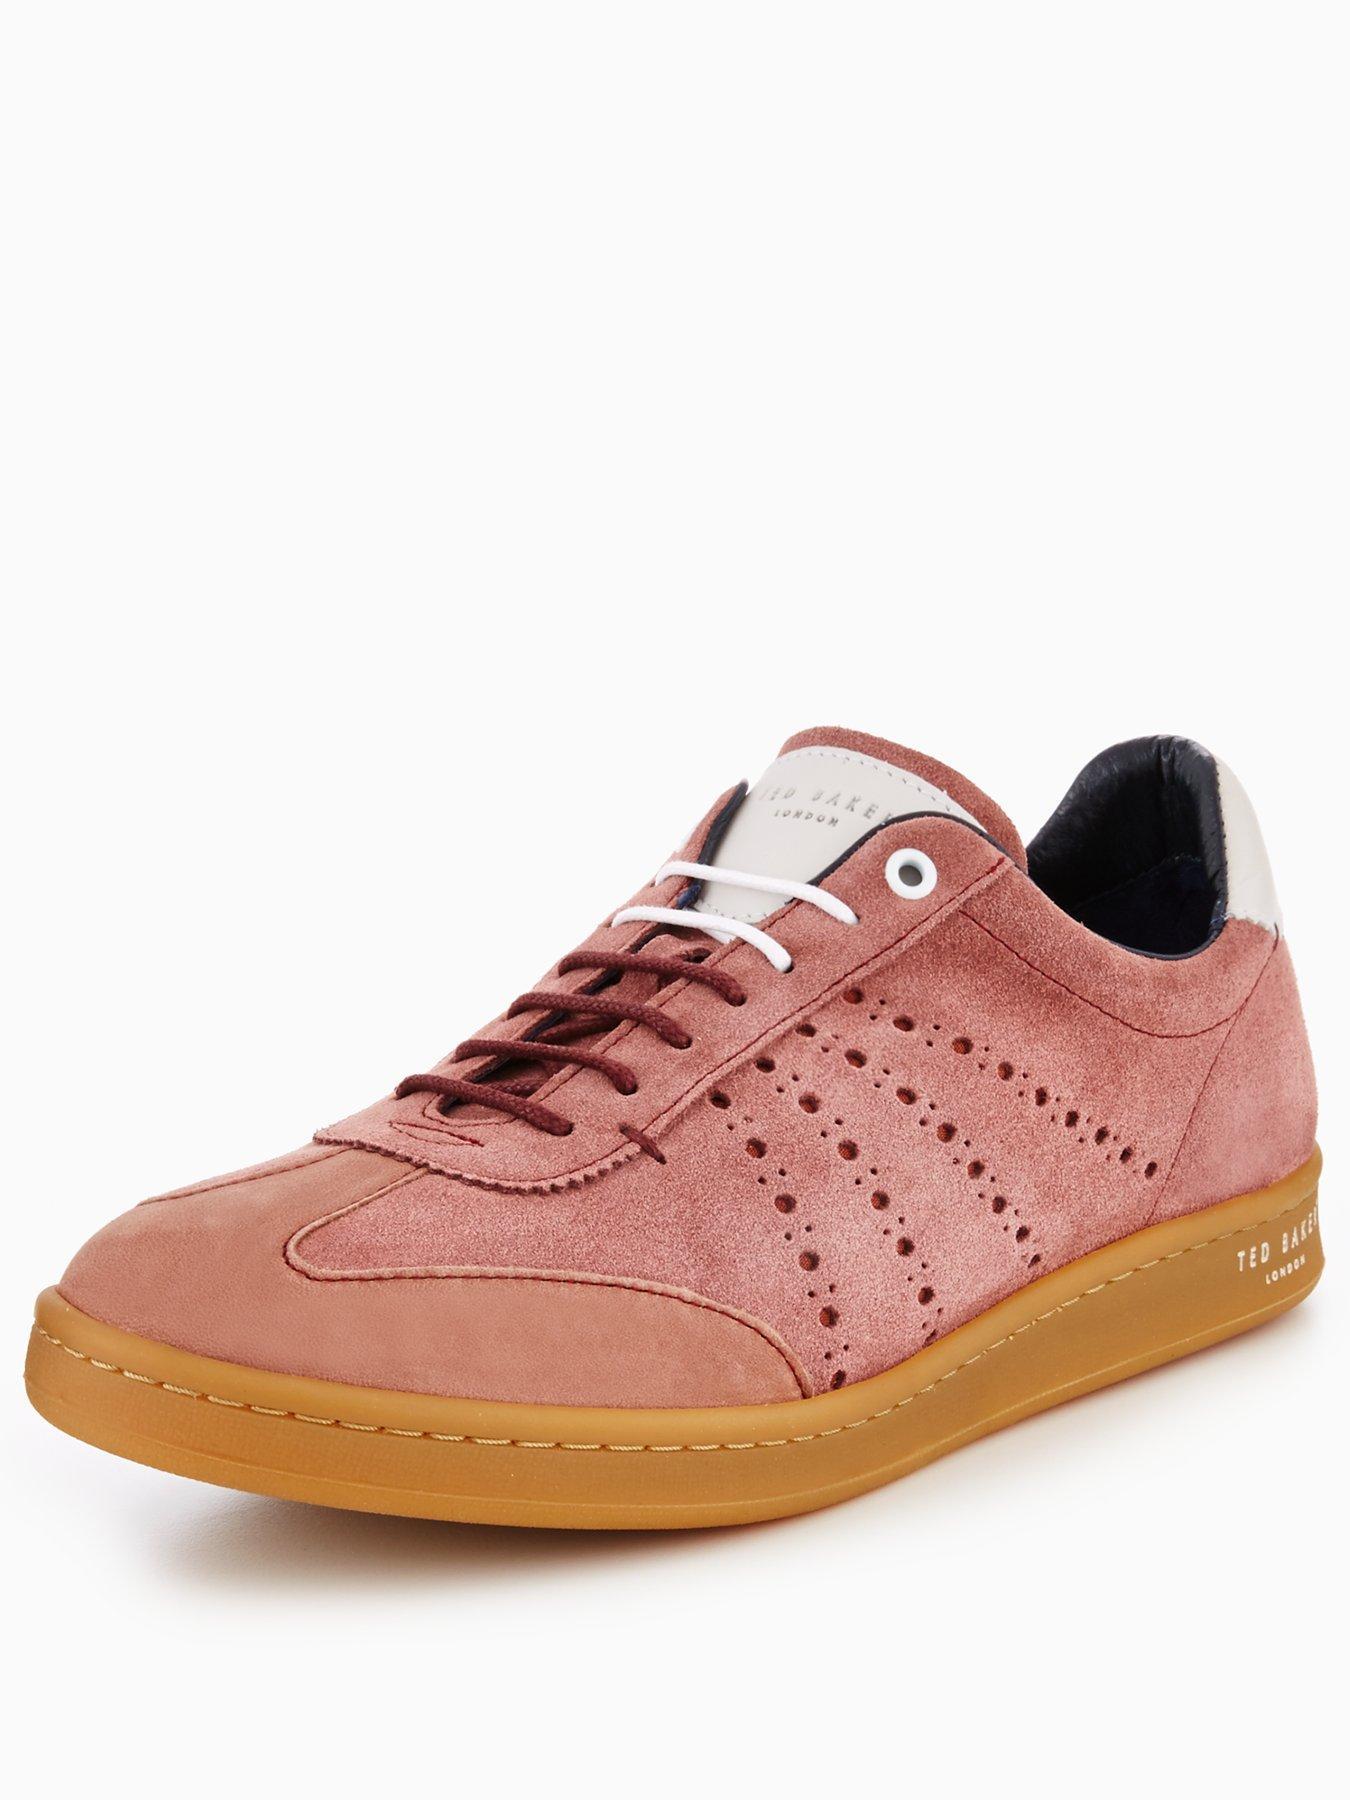 ted baker shoes ladies burgundy cardigans school